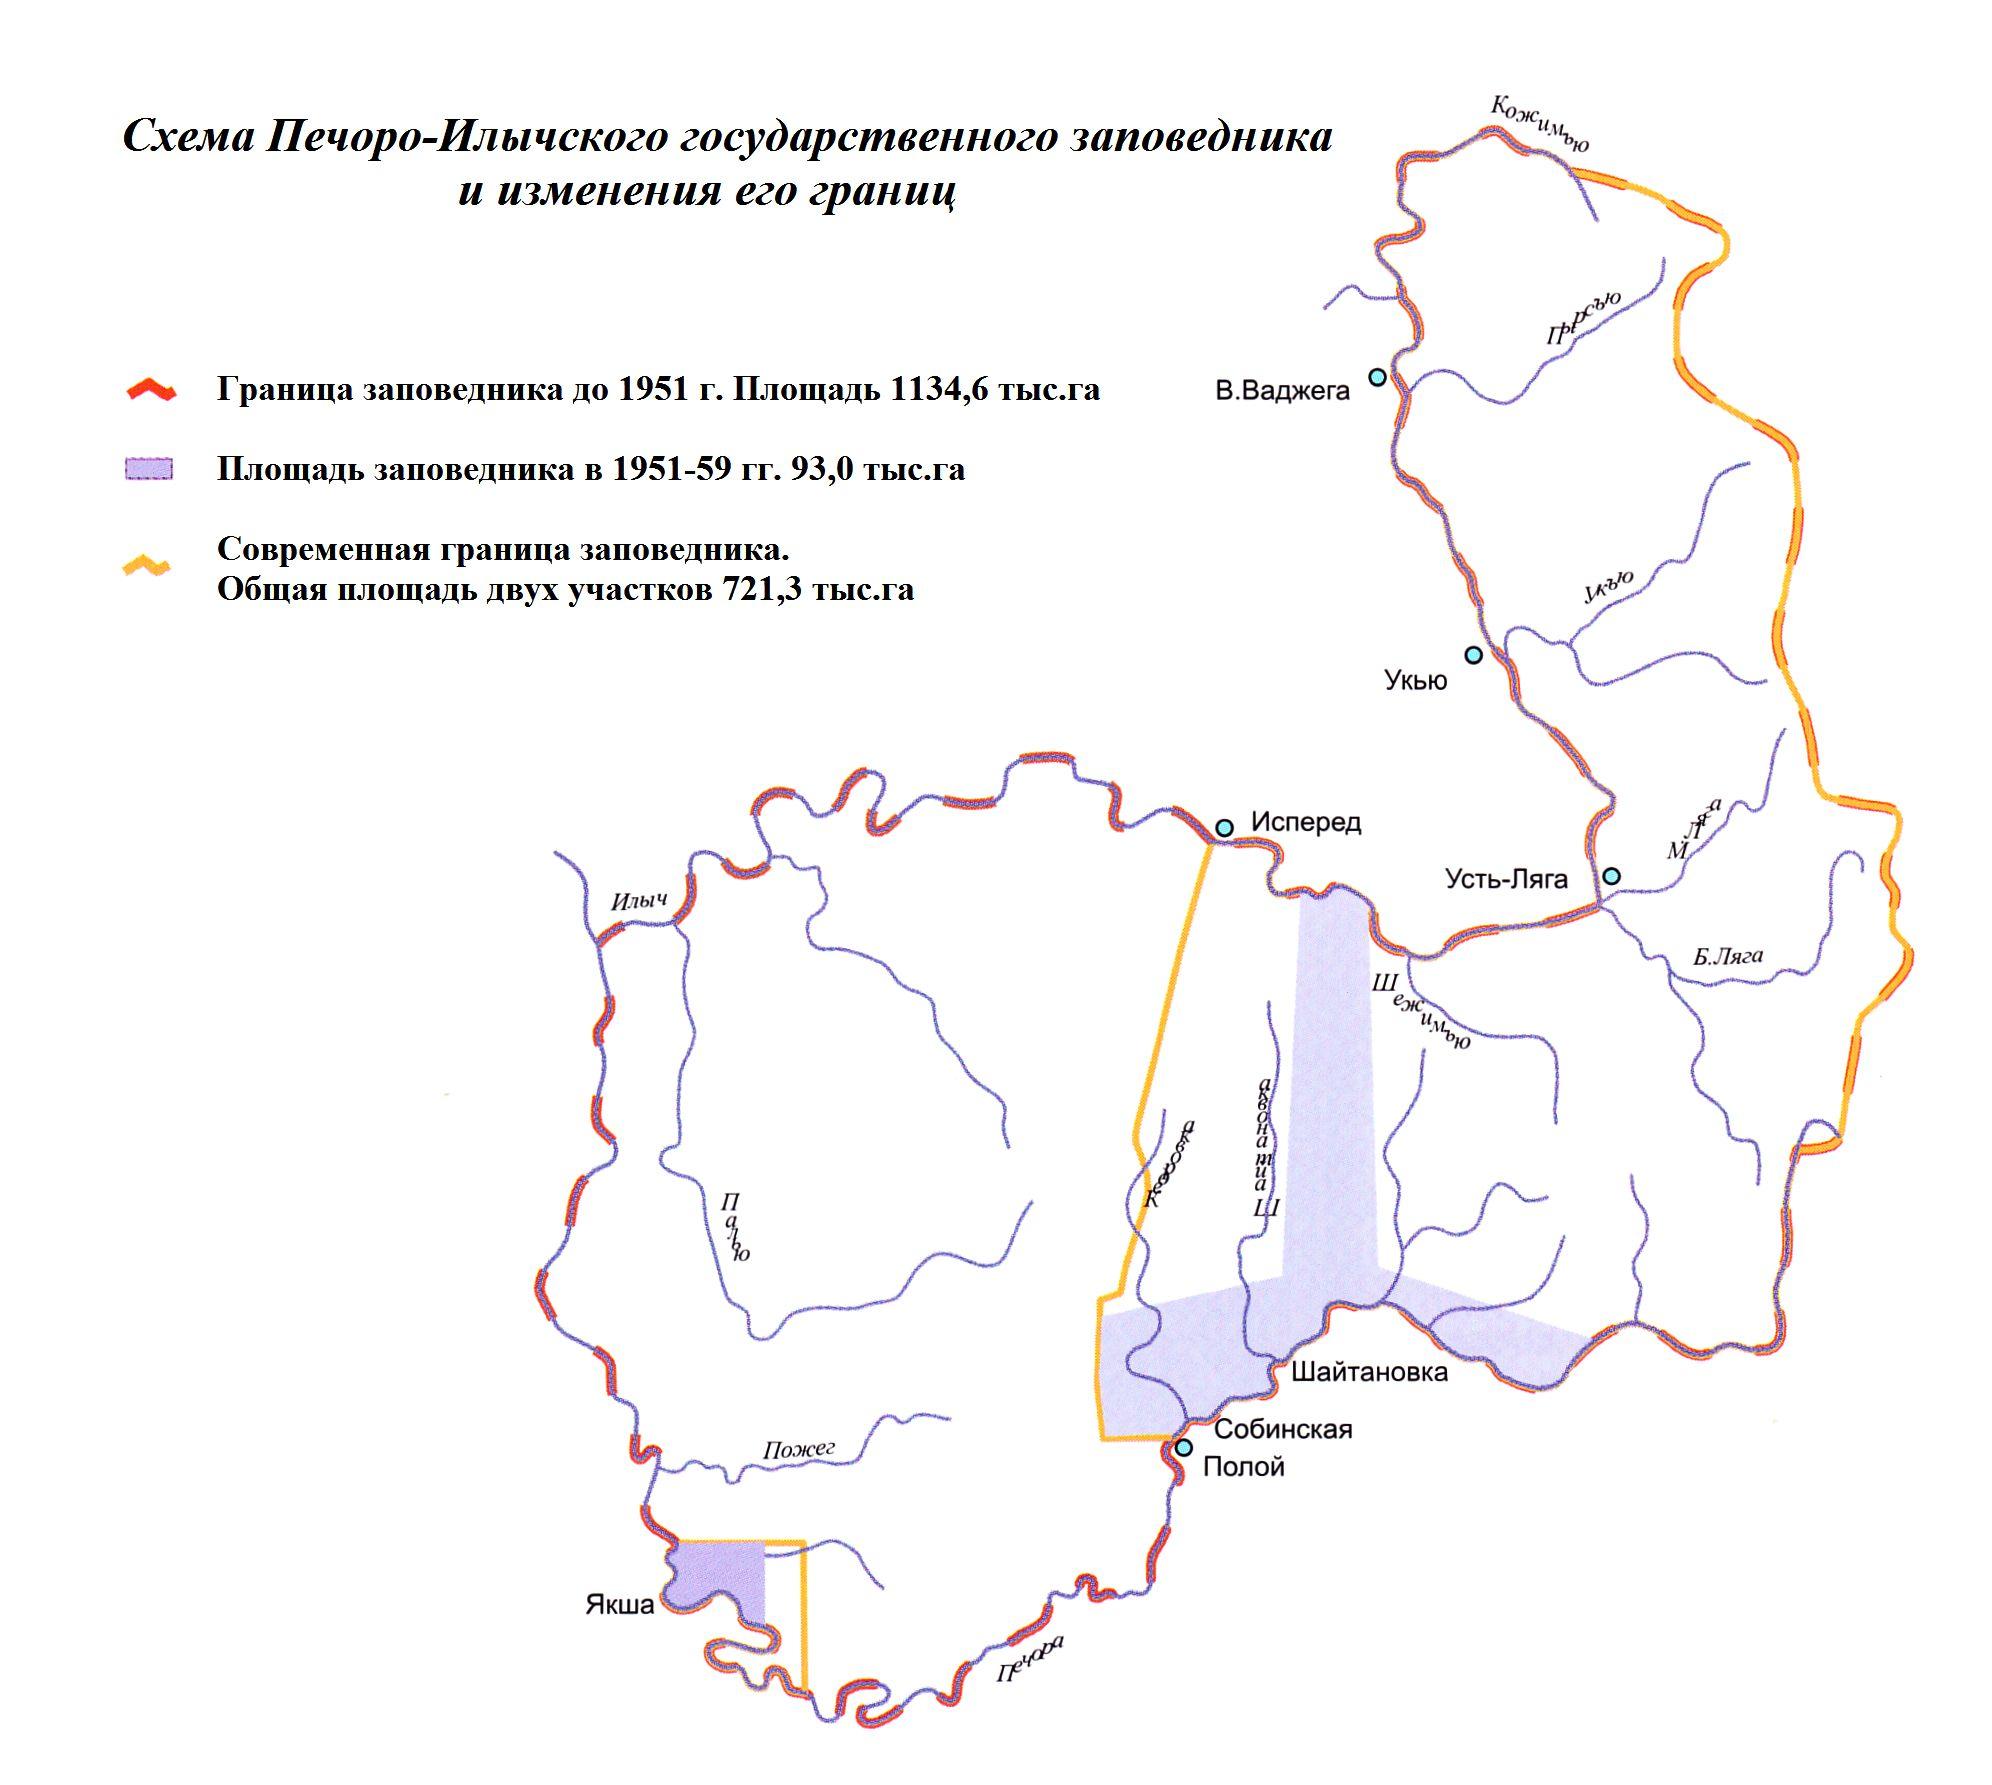 Схема Печоро-Илычского заповедника